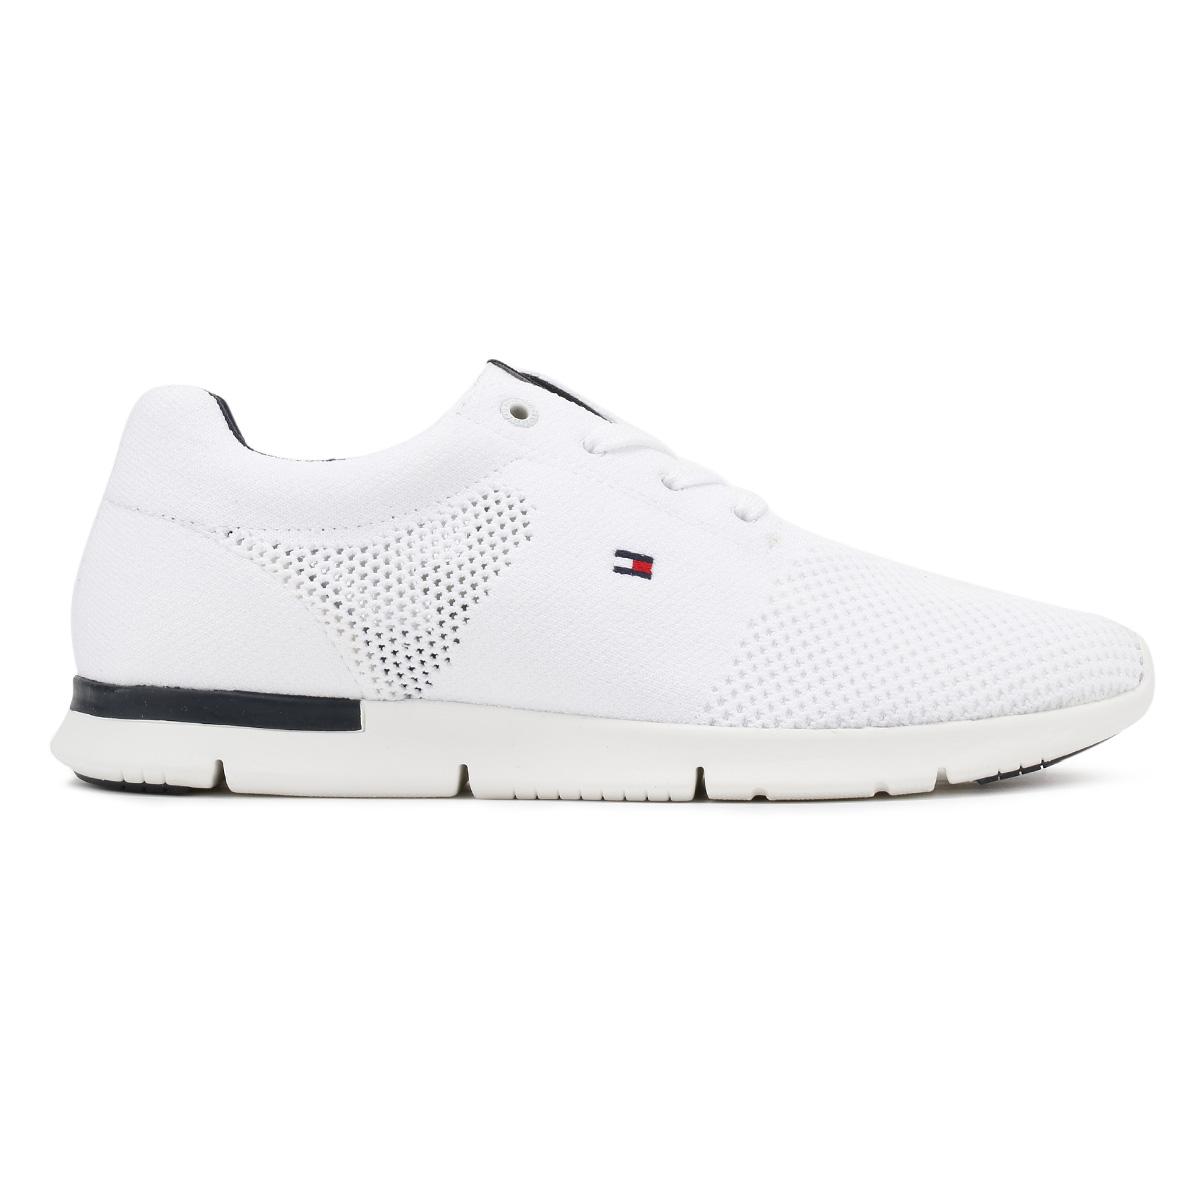 Zapatos blancos con cordones vintage Tommy Hilfiger Sport para hombre zNEiw5Rnk